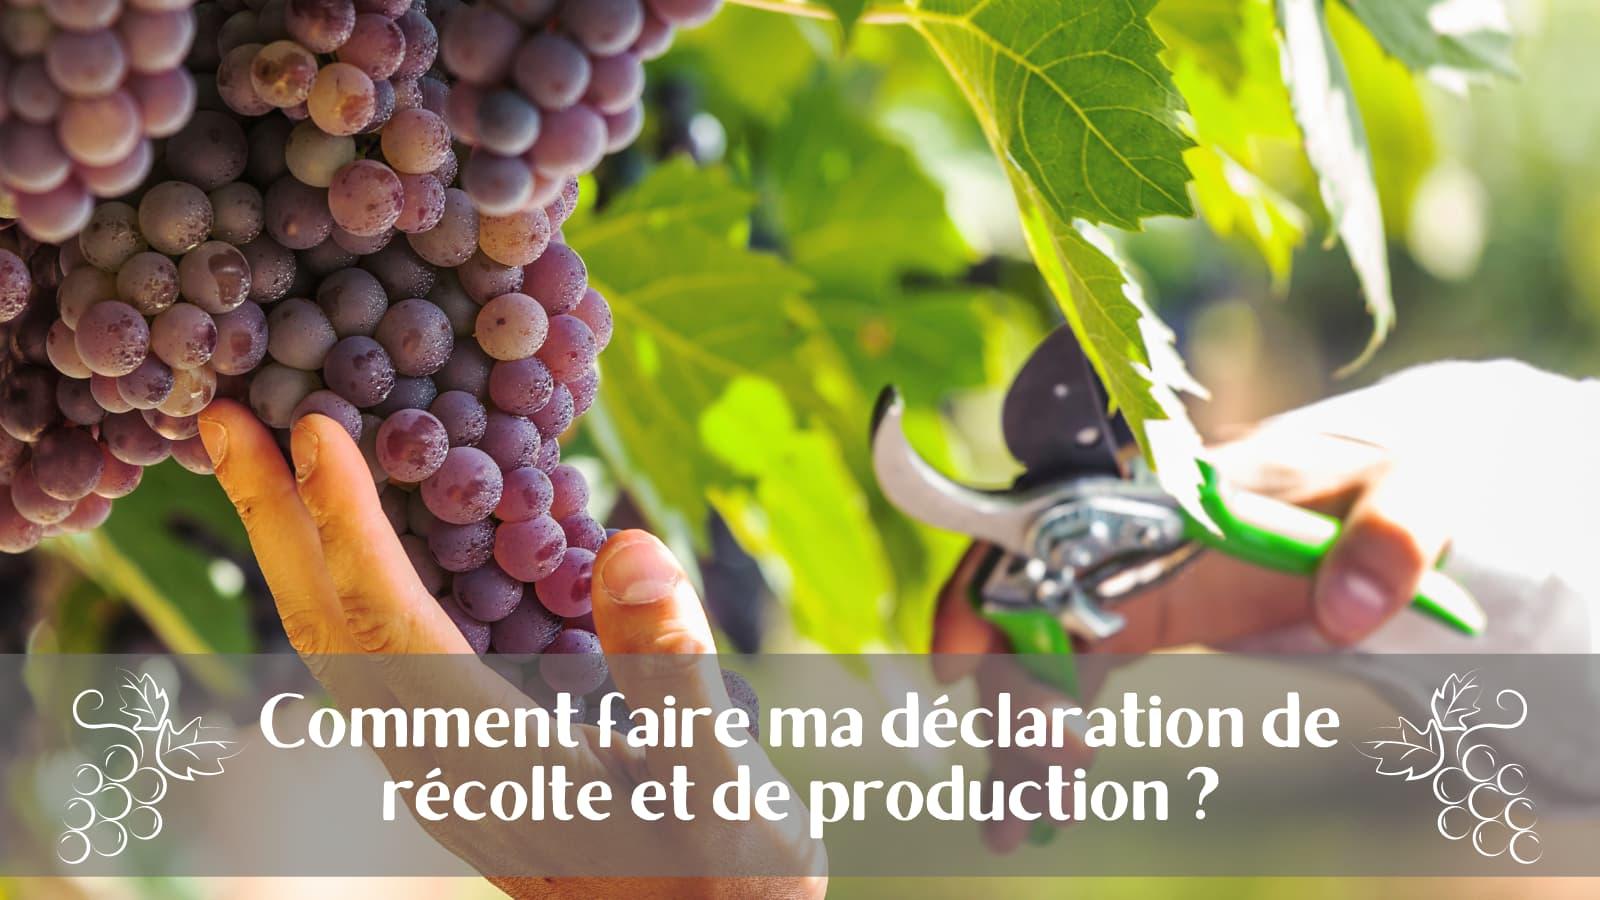 Déclaration de récolte et de production